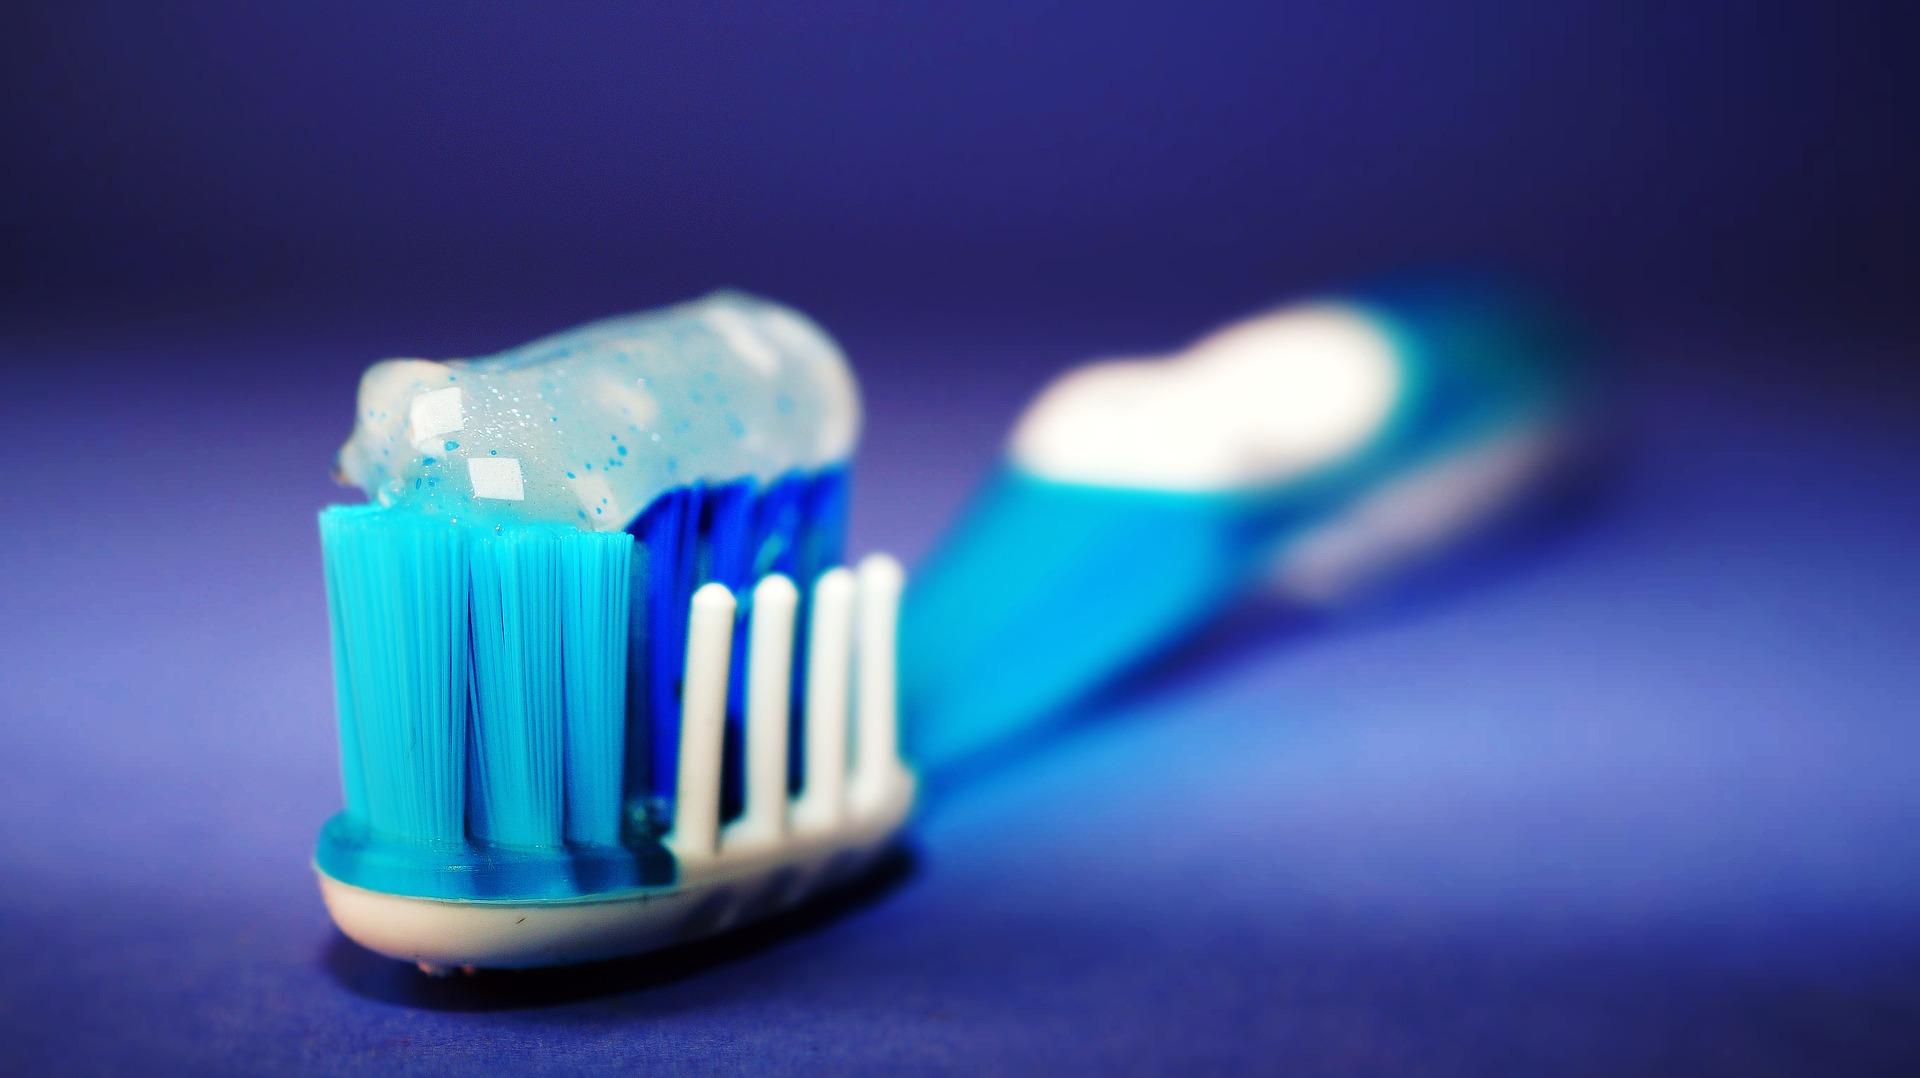 toothbrush-2589480_1920